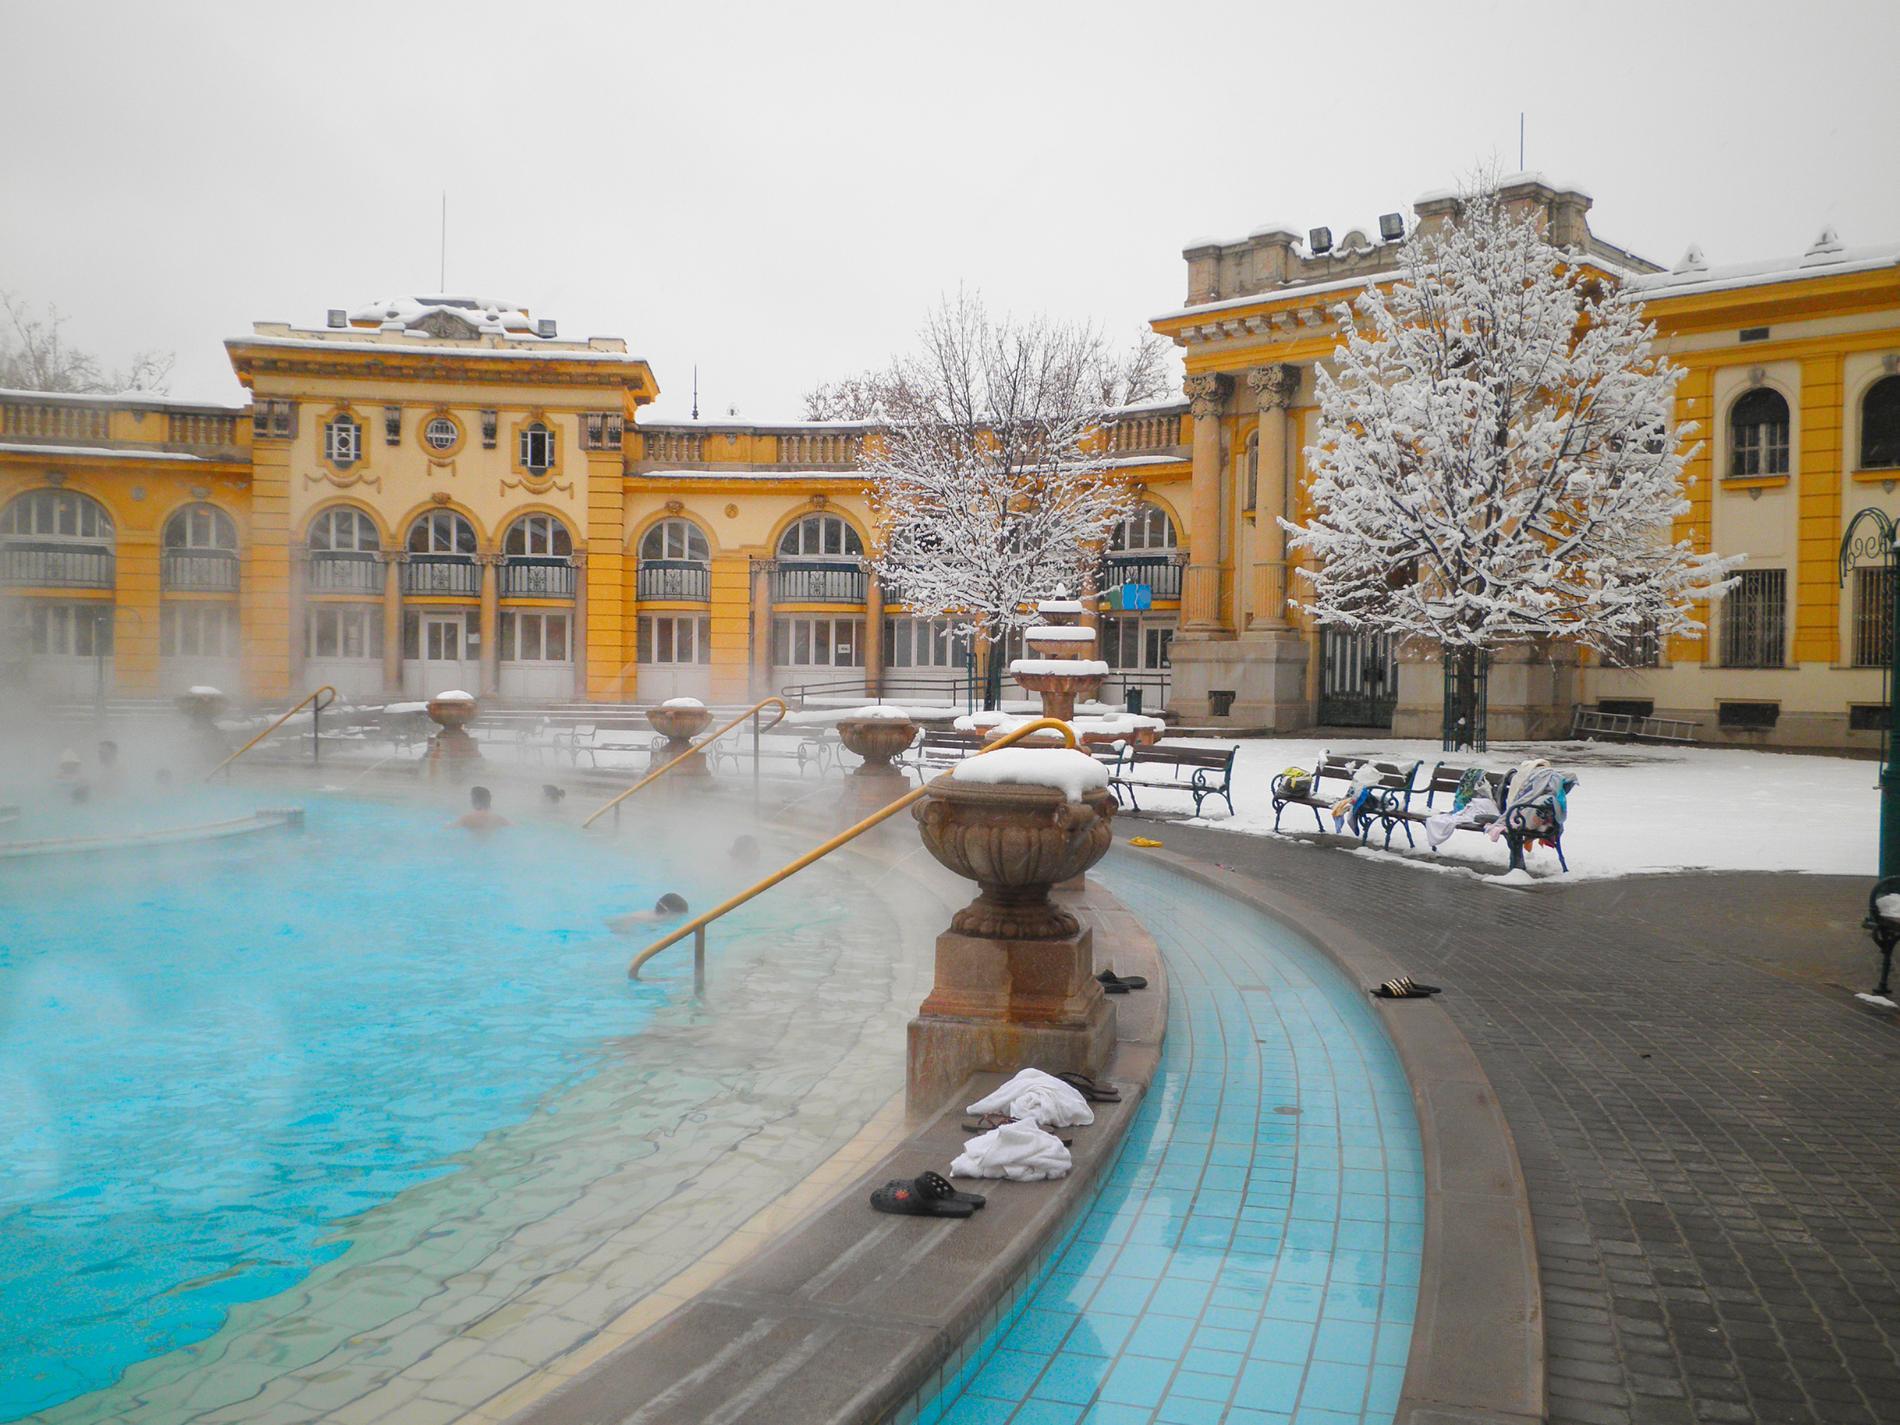 Året runt kan besökare bada i Szechenyi termalbad.